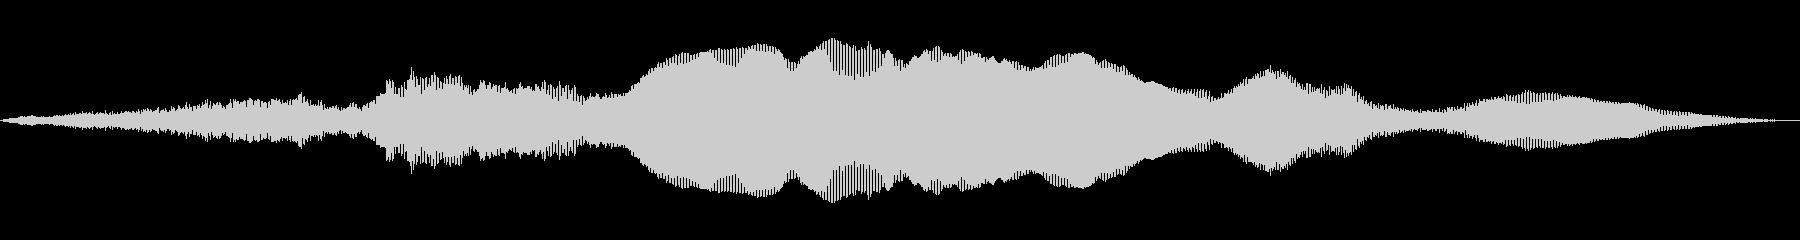 アウトインスペース1の未再生の波形